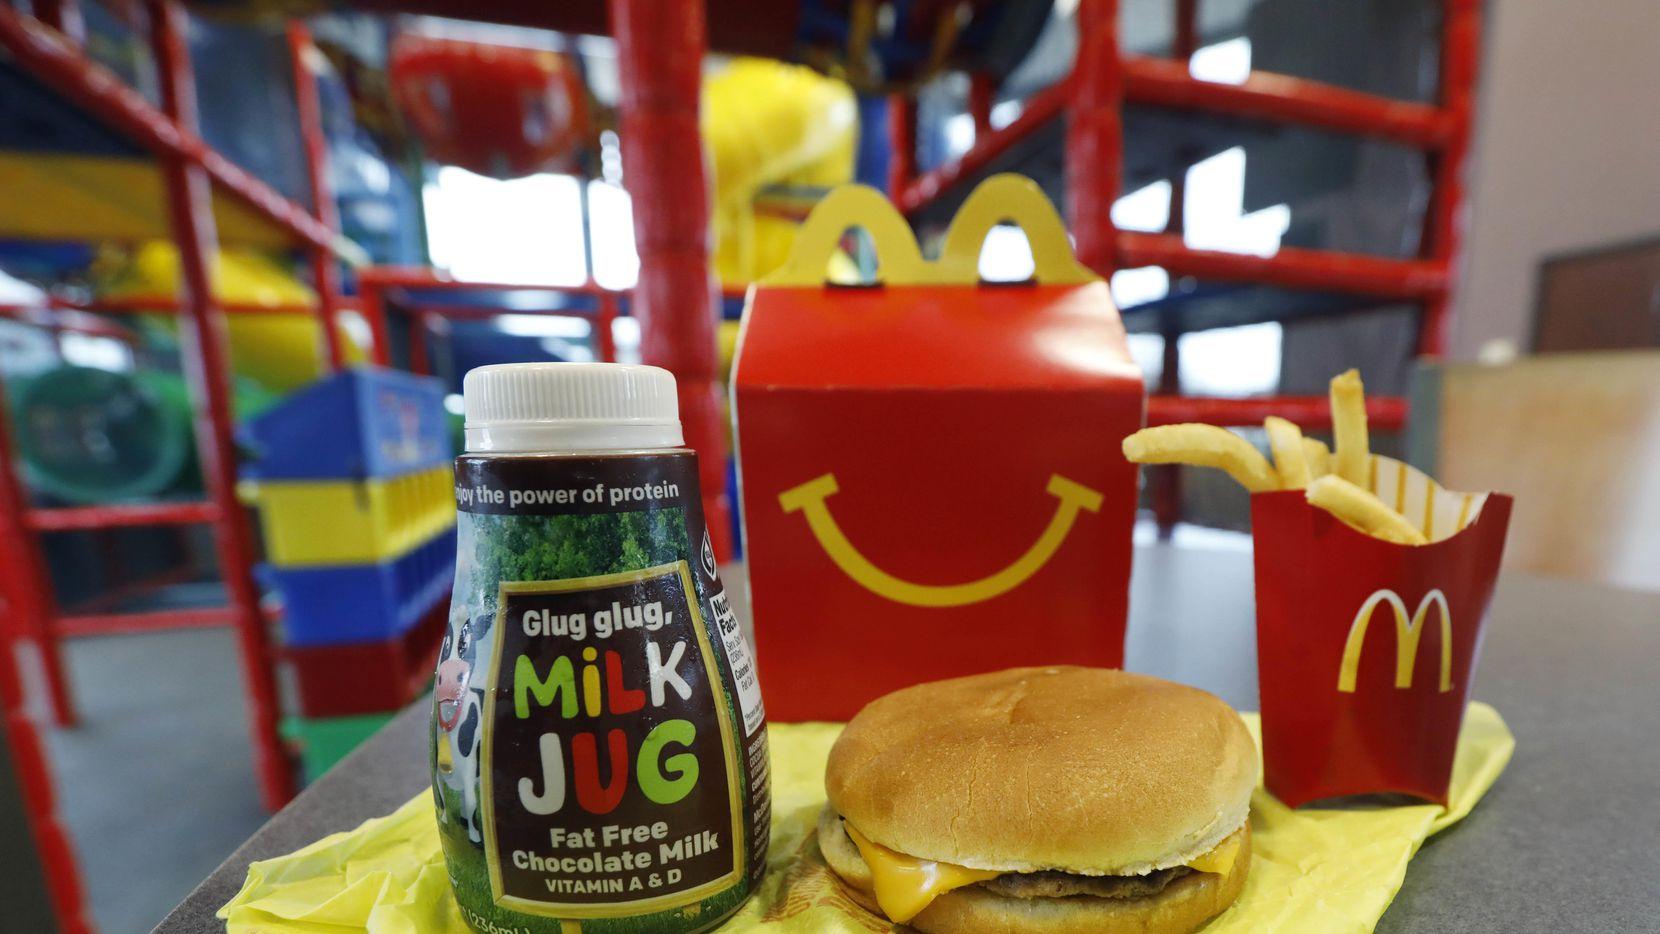 Las nuevas Happy Meals ya no tendrán una cheesburger. McDonald's busca disminuir el contenido calórico para no fomentar la obesidad infantil. (AP/ROGELIO SOLÍS)